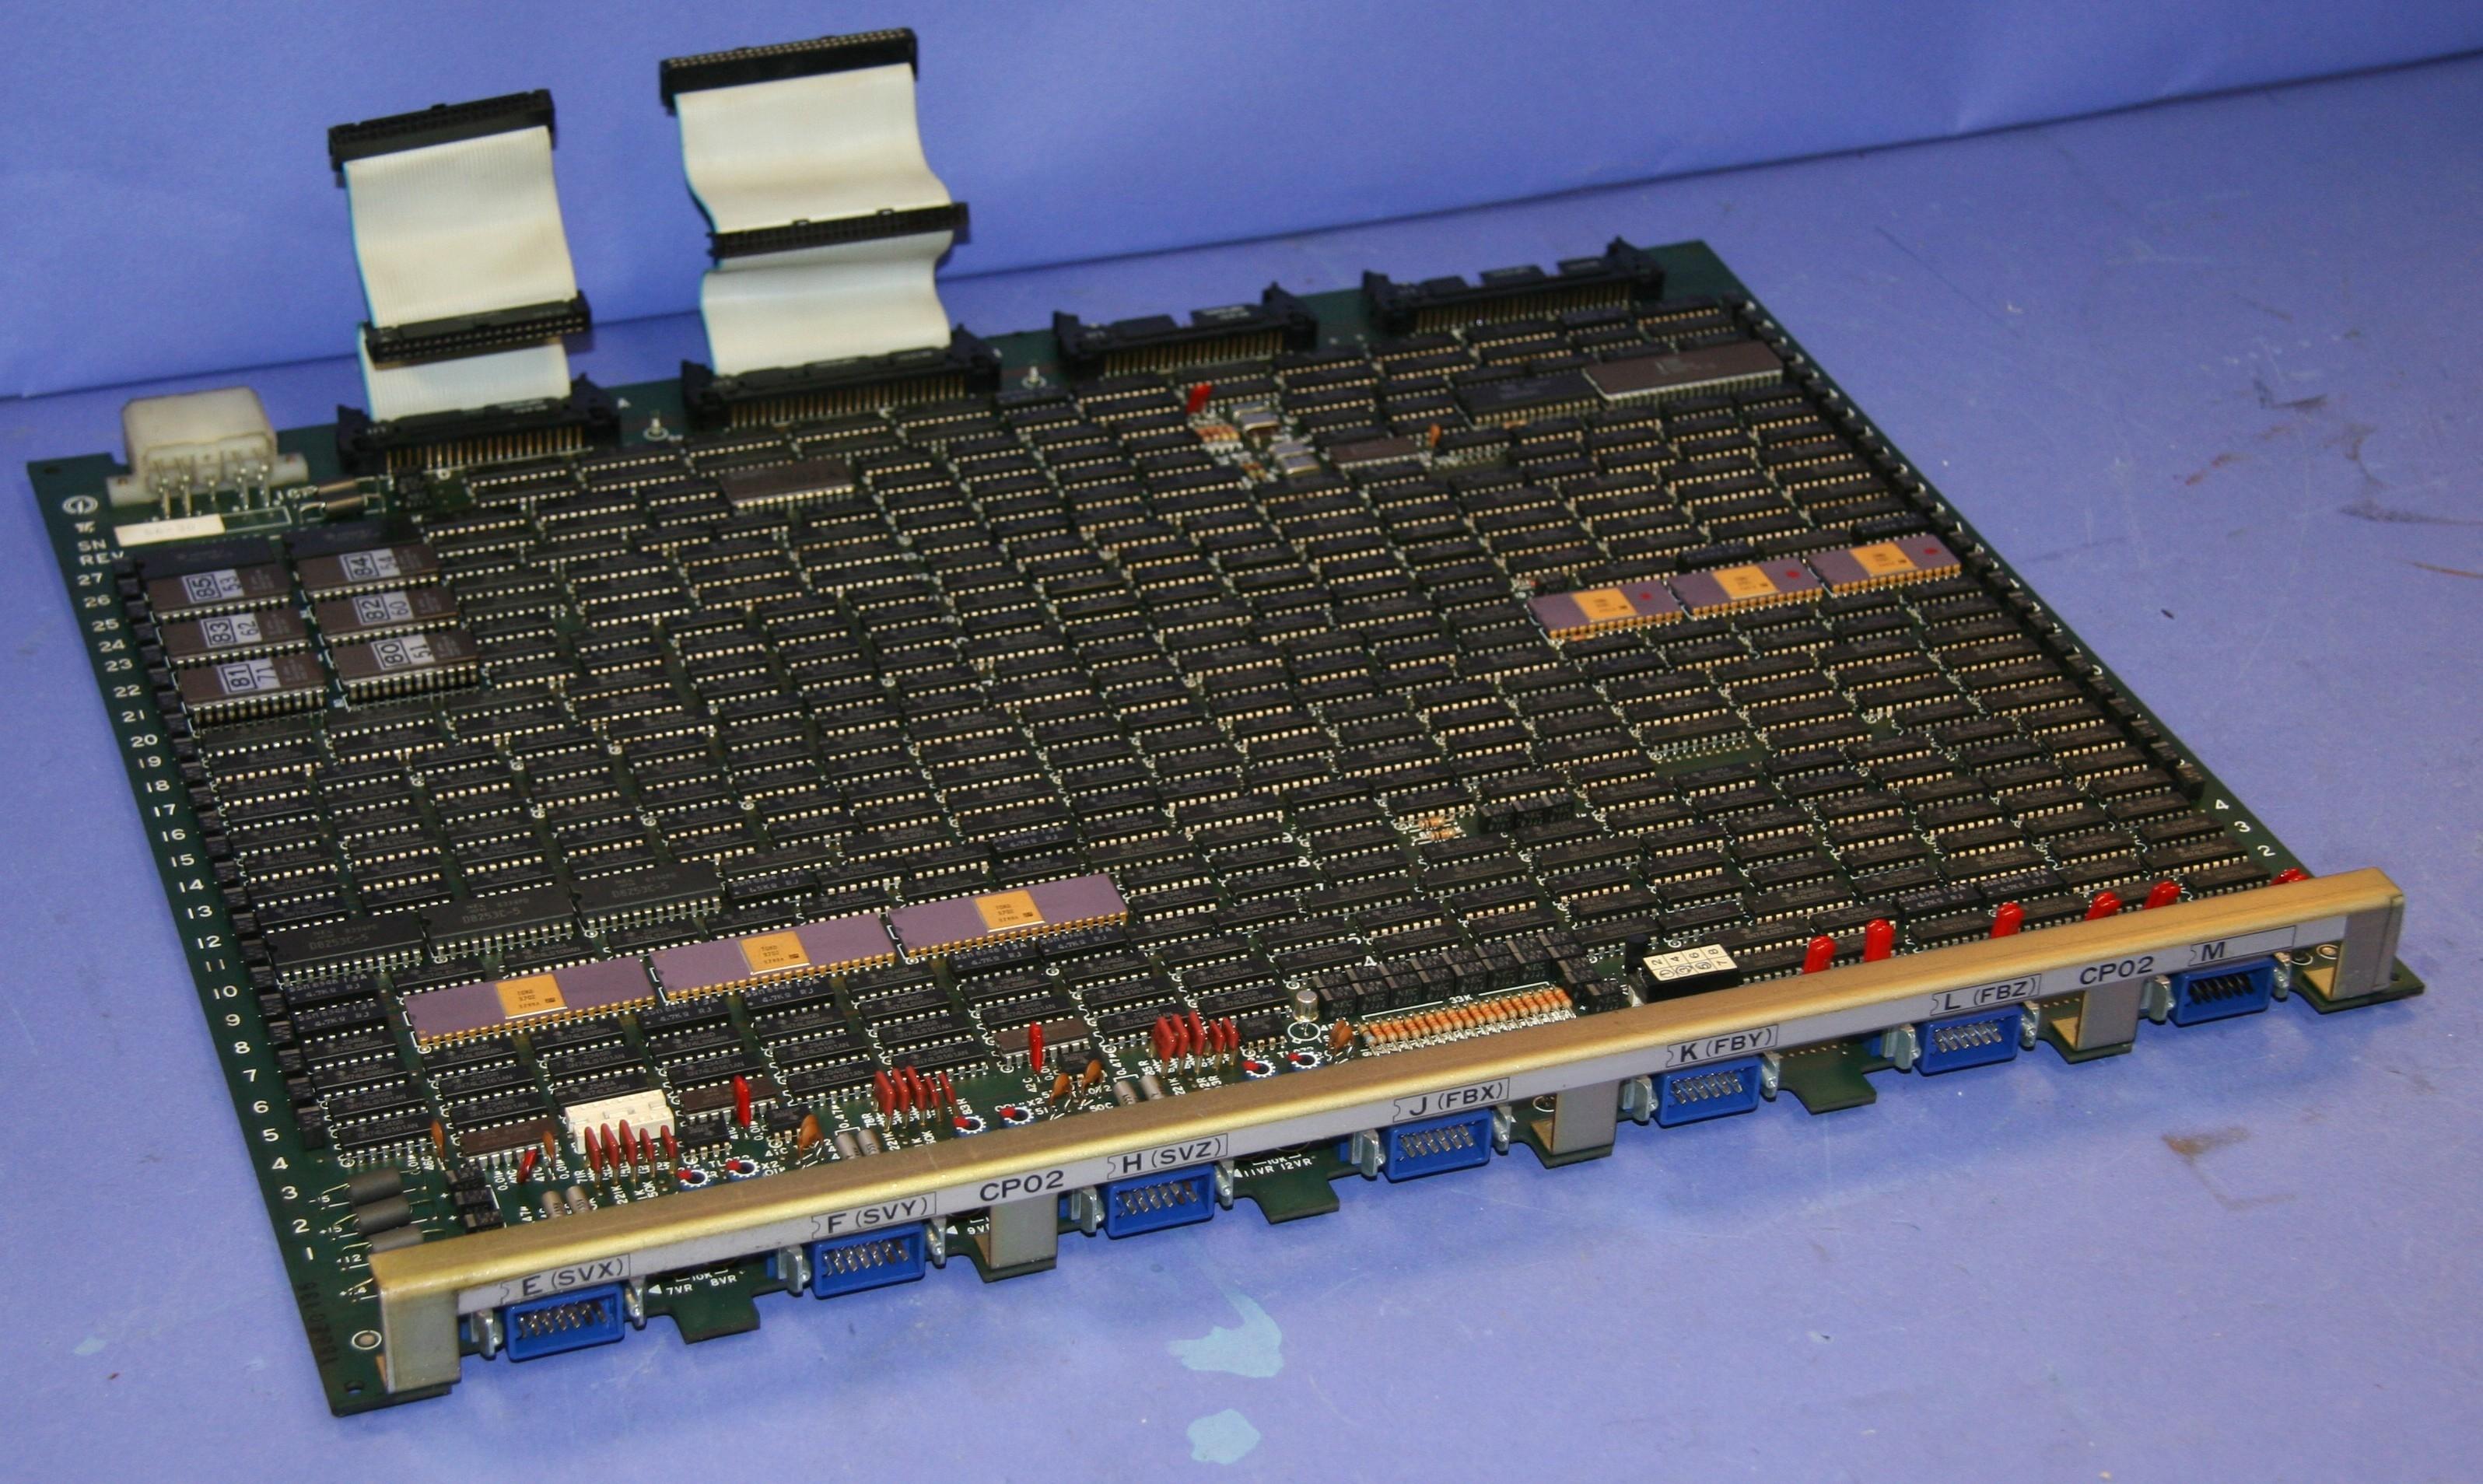 (1) Used Yaskawa JANCD-CP02 PC Board CPU Card Rev G 9828